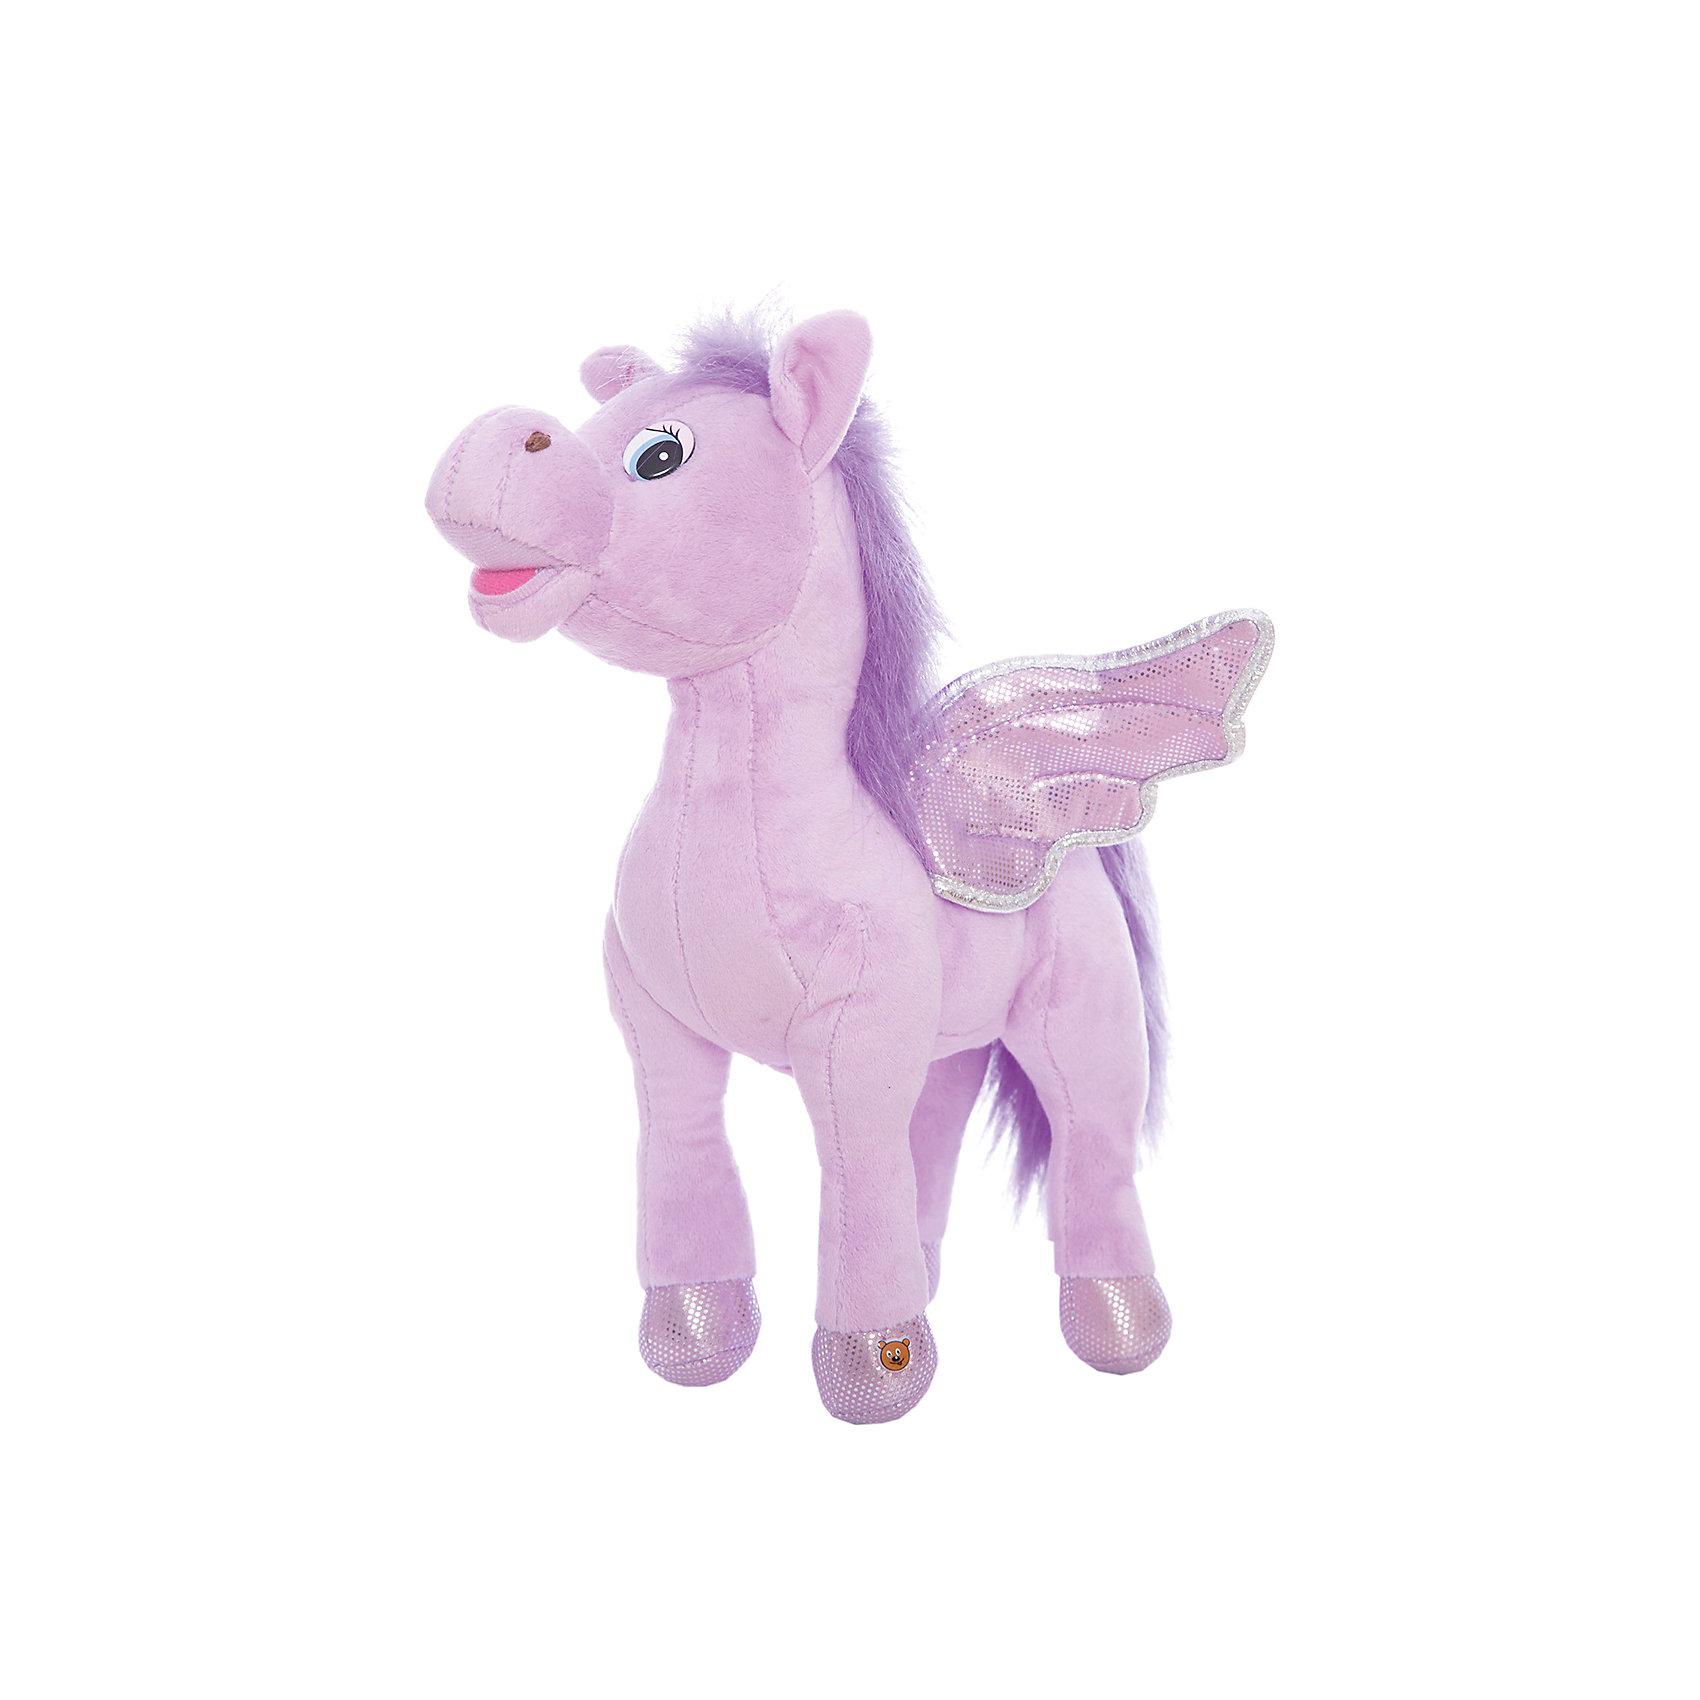 Мягкая игрушка Пони с крыльями, фиолетовая, МУЛЬТИ-ПУЛЬТИОзвученные мягкие игрушки<br>Очаровательная мягкая лошадка с крылышками обязательно понравится девочке! Пони расскажет своей хозяйке веселые стихи, споет песенку или просто поговорит. Игрушка выполнена из высококачественных материалов, плотно набита, очень приятна на ощупь. <br><br>Дополнительная информация: <br><br>- Материал: пластик, текстиль, синтепон.<br>- Размер: 25 см.<br>- 3 фразы, 4 стишка, 2 песенки.<br>- Элемент питания: батарейки (в комплекте).<br><br>Мягкую игрушку Пони с крыльями, МУЛЬТИ-ПУЛЬТИ можно купить в нашем магазине.<br><br>Ширина мм: 300<br>Глубина мм: 260<br>Высота мм: 100<br>Вес г: 420<br>Возраст от месяцев: 36<br>Возраст до месяцев: 120<br>Пол: Женский<br>Возраст: Детский<br>SKU: 4850050